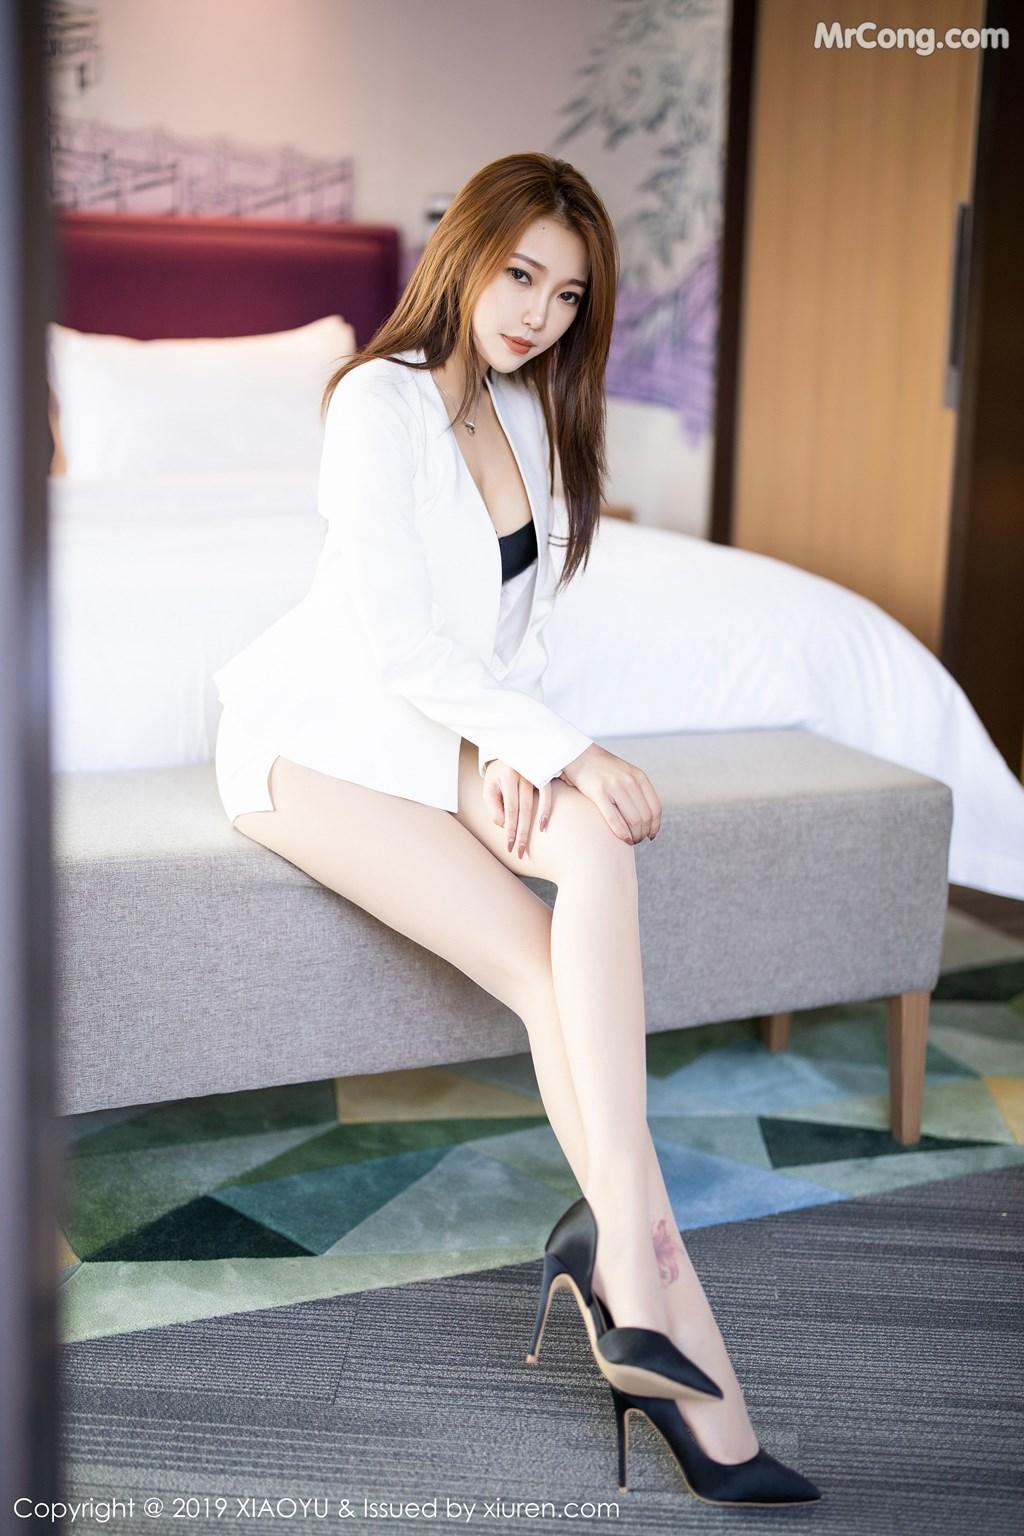 Image XiaoYu-Vol.207-LRIS-Feng-Mu-Mu-MrCong.com-009 in post XiaoYu Vol.207: LRIS (冯木木) (109 ảnh)